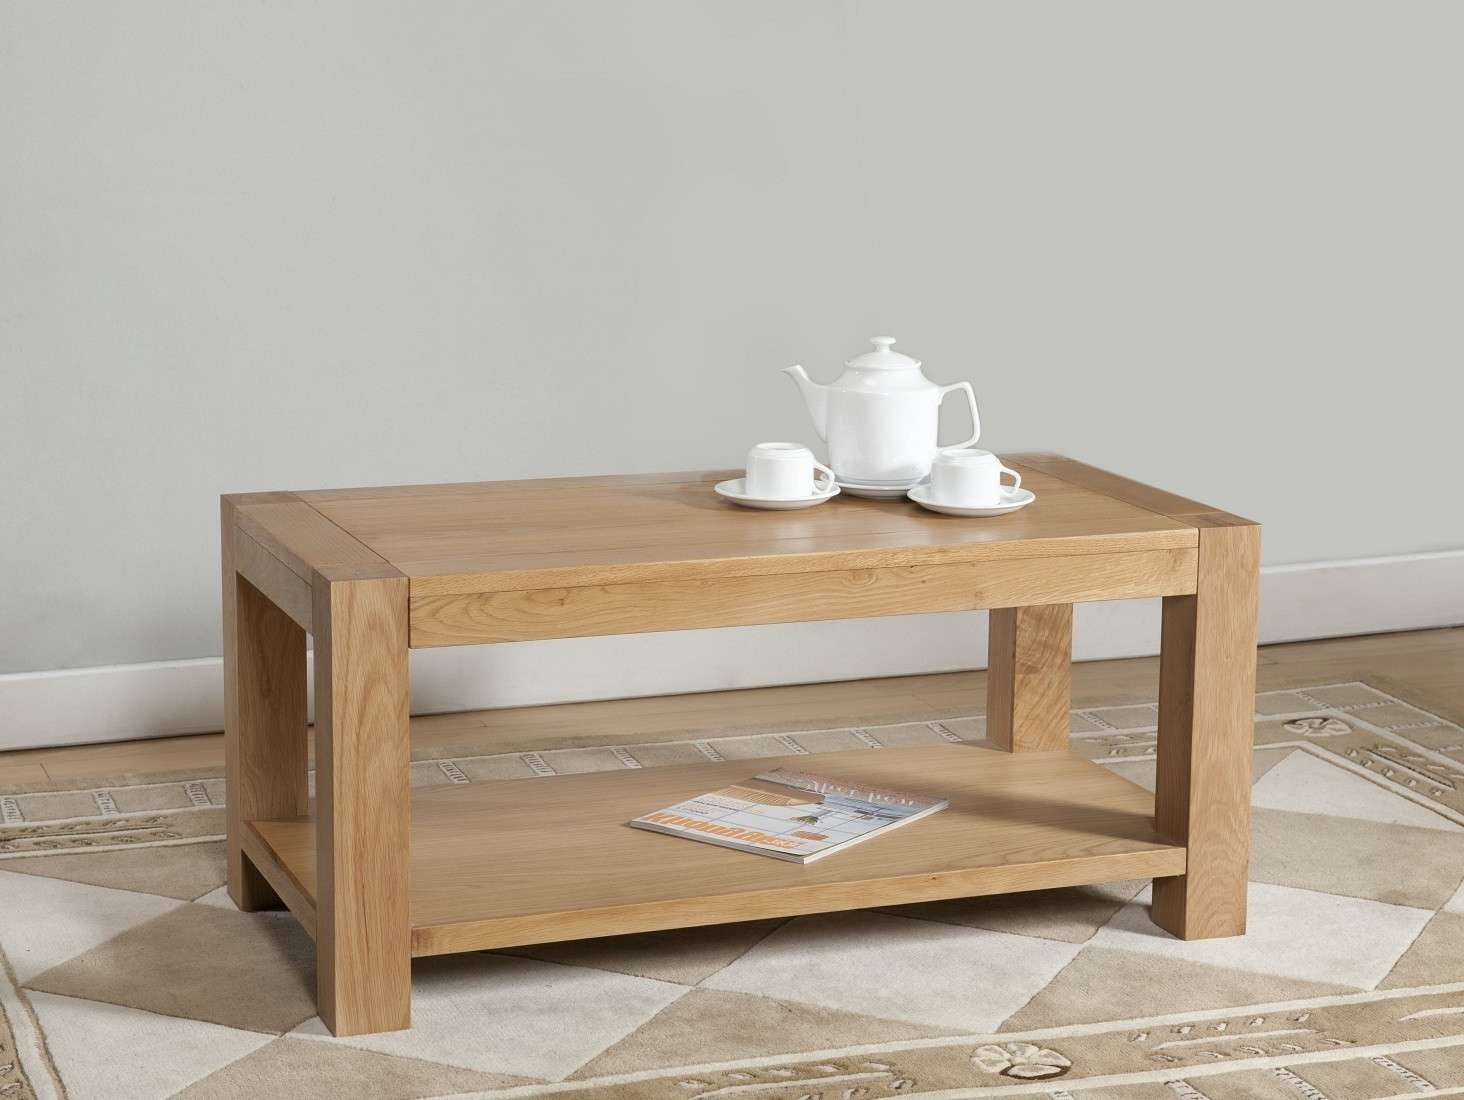 Oak Furniture Uk In Favorite Light Oak Coffee Tables (Gallery 7 of 20)